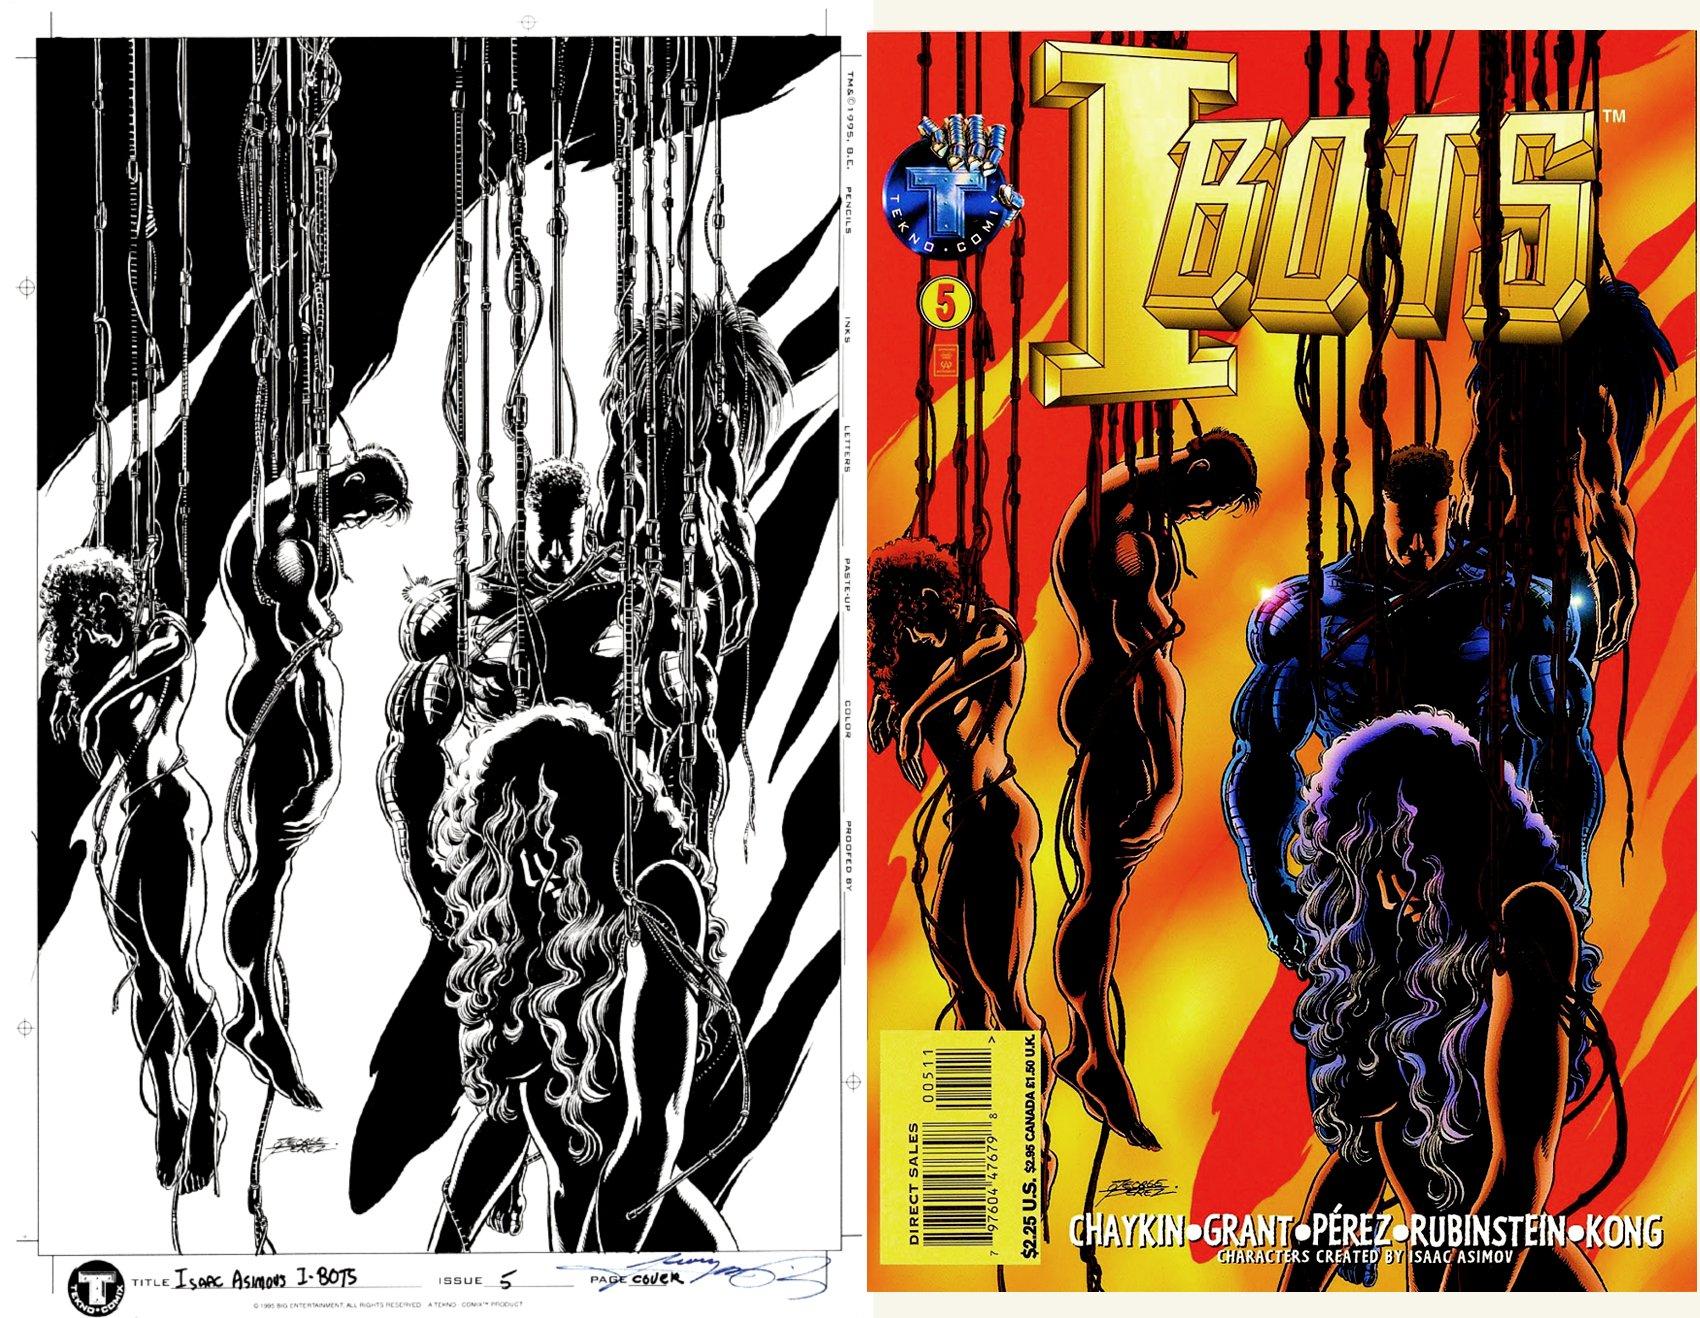 Isaac Asimov's I-BOTS#5 Cover (PEREZ PENCILS & INKS! Killaine; Stonewall; Psy-4; Radiant, Itazura!) 1996